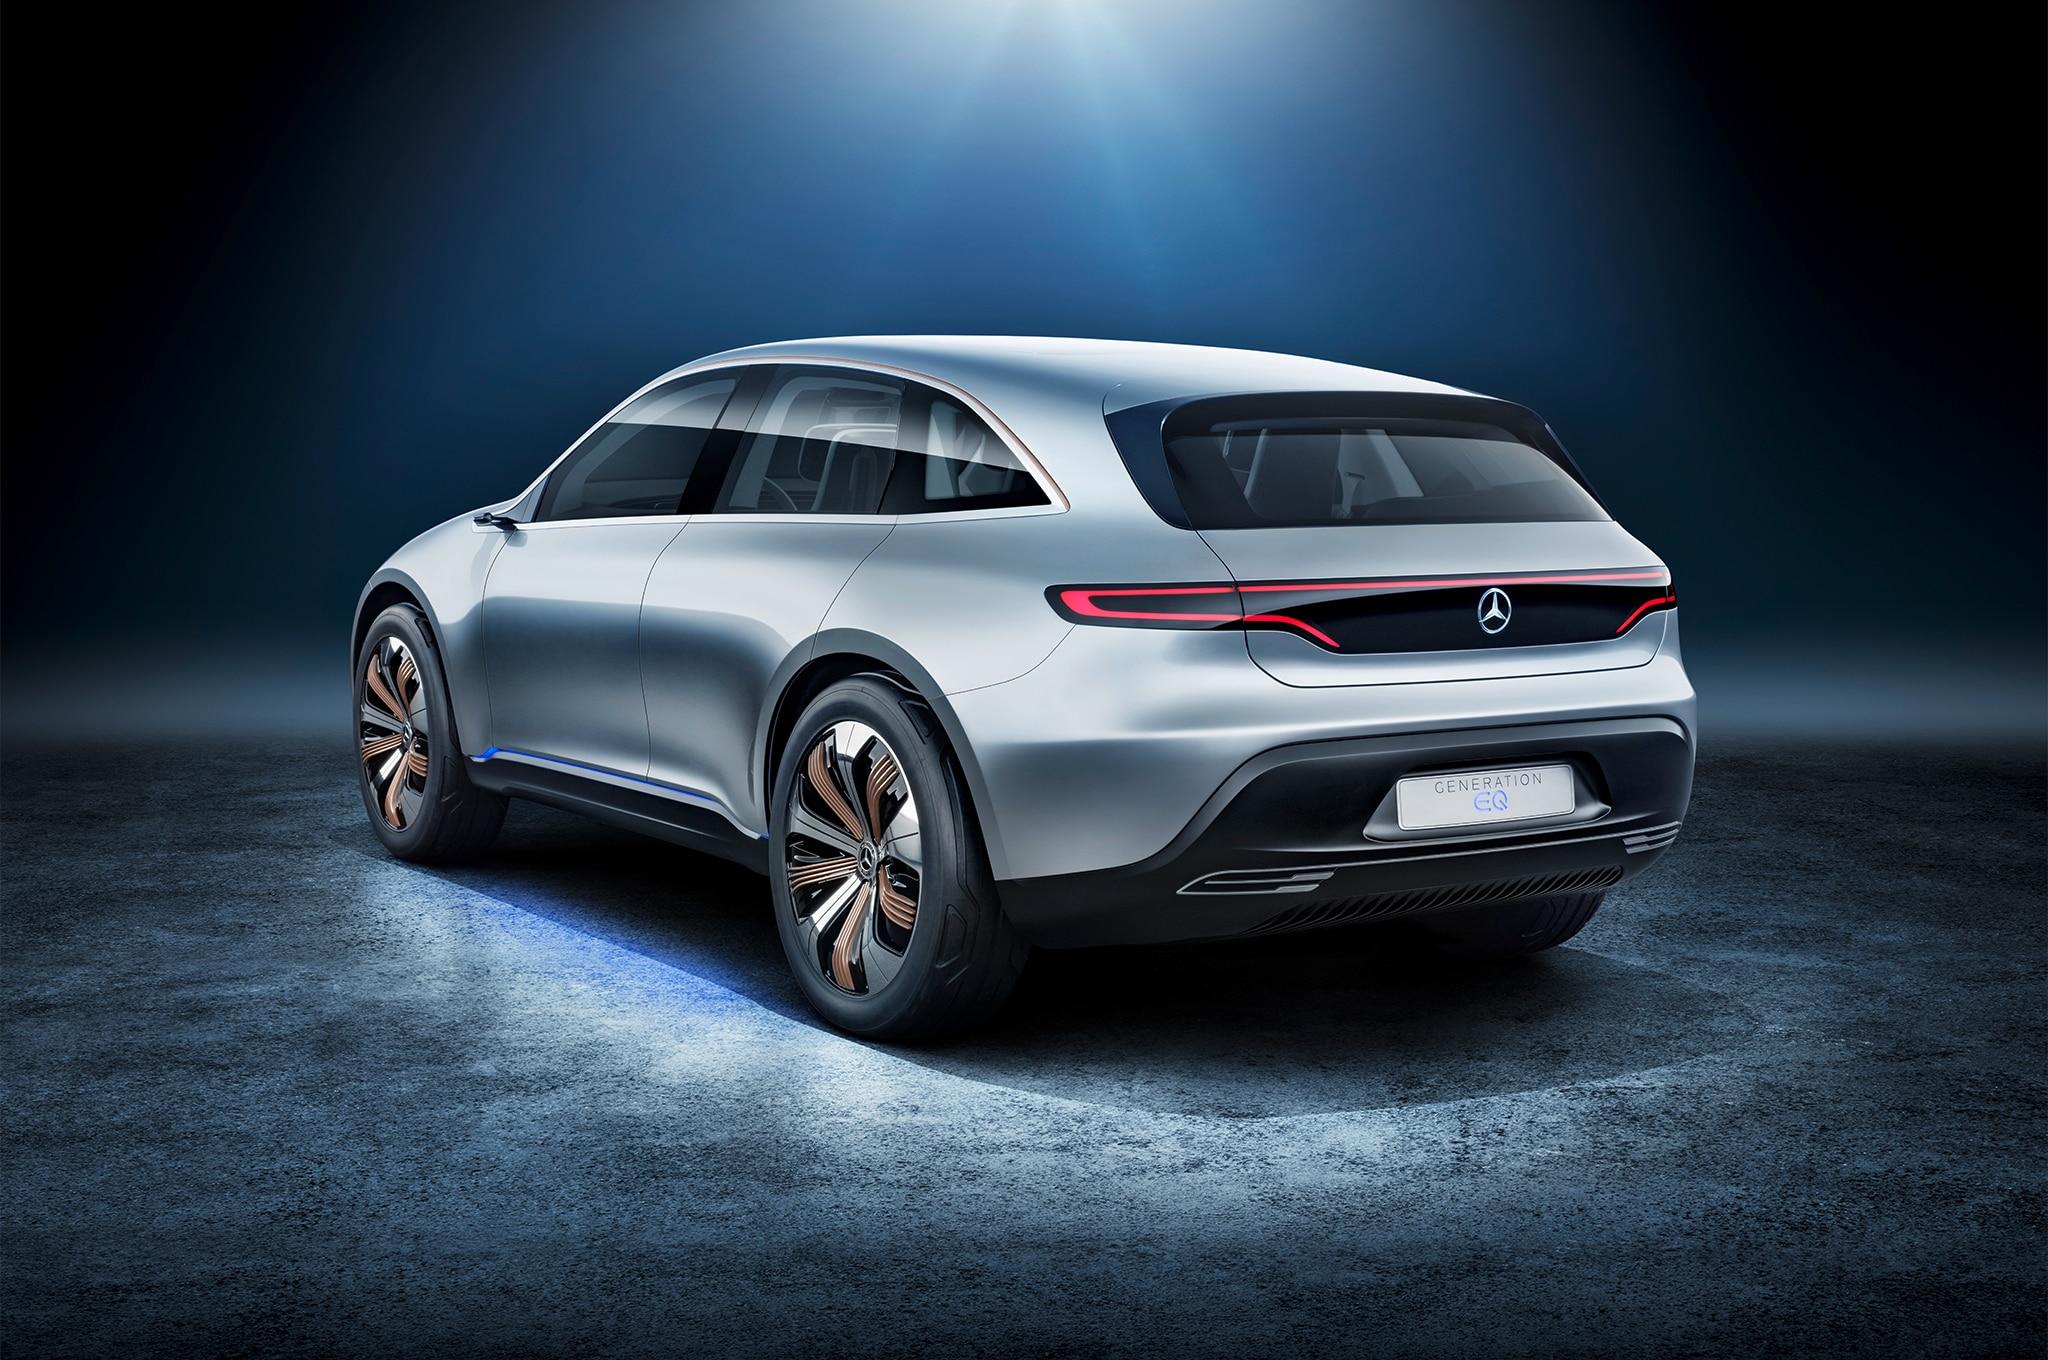 Mercedes-Benz-Generation-EQ-electric-car-rear-three-quarter